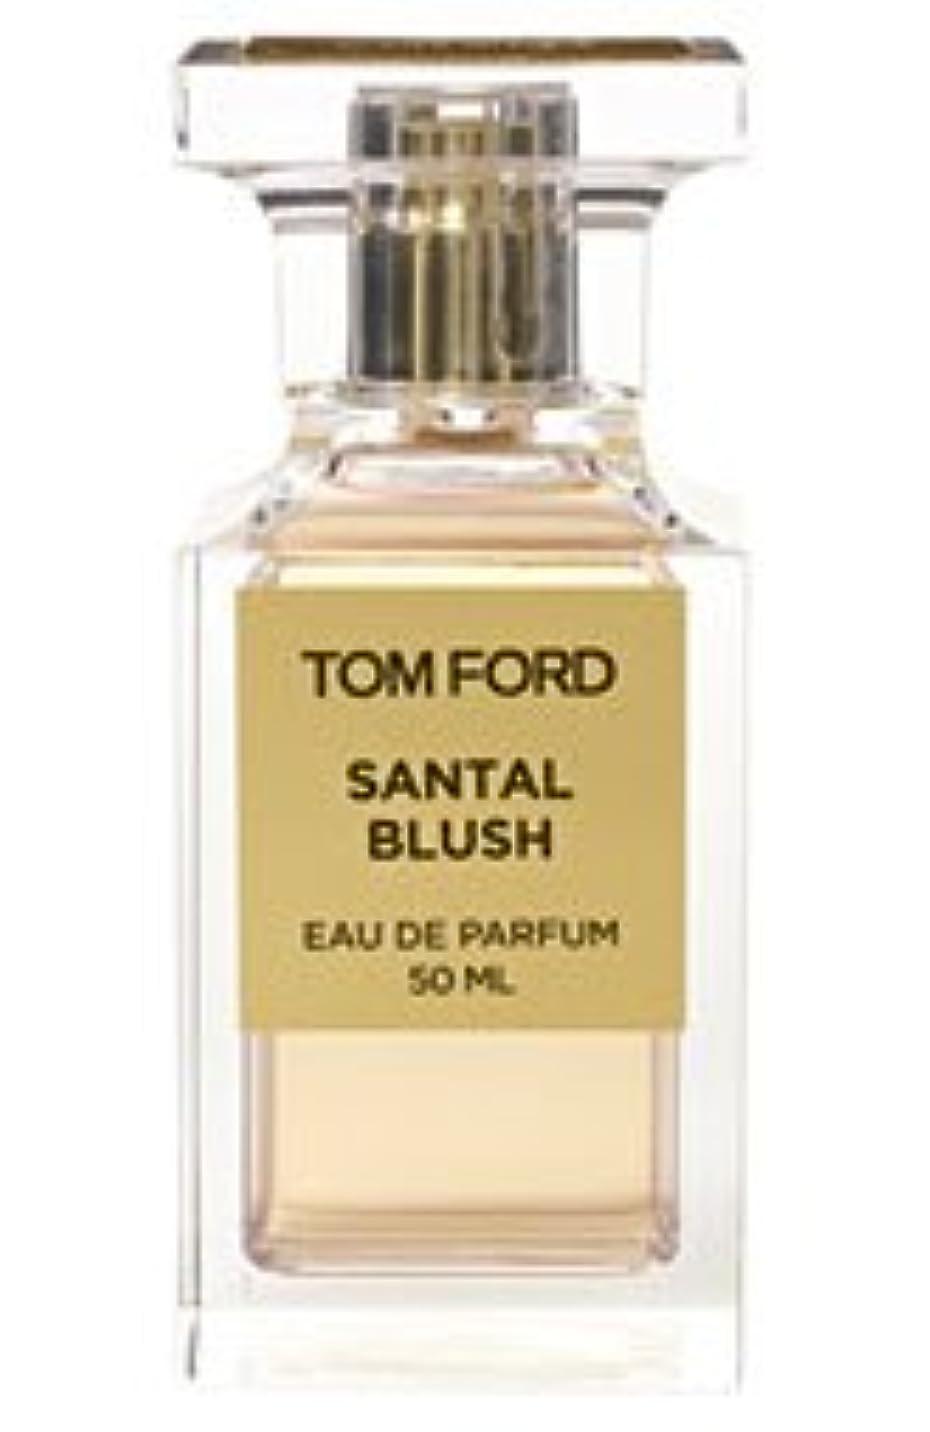 アークメール部門Tom Ford Private Blend 'Santal Blush' (トムフォード プライベートブレンド サンタルブラッシュ) 1.7 oz (50ml) EDP Spray for Women